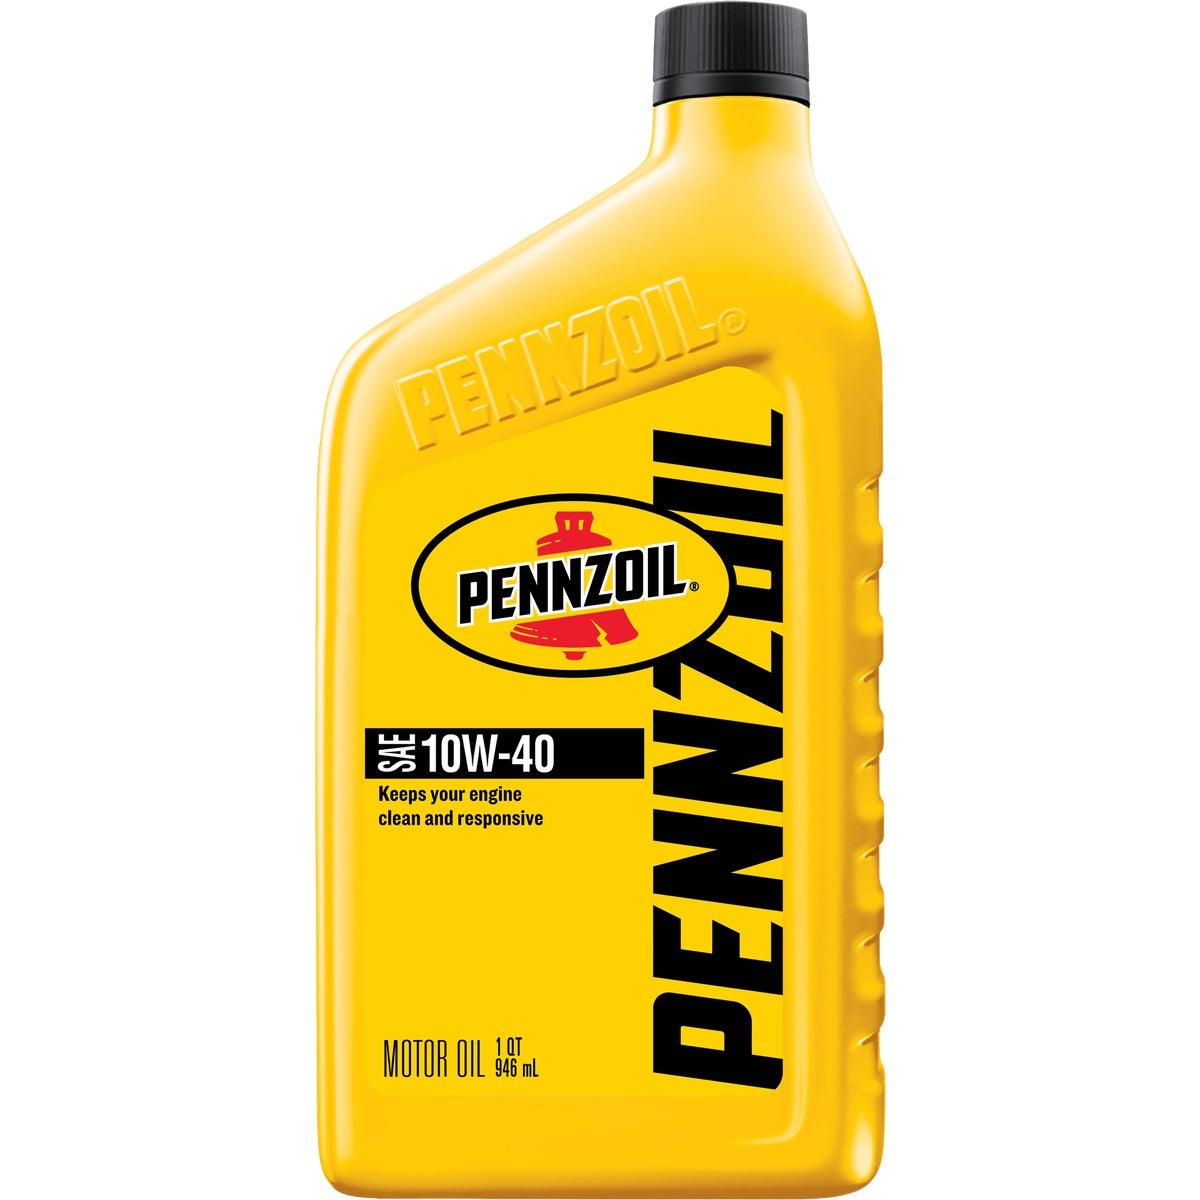 10W40 PENNZOIL MOTOR OIL